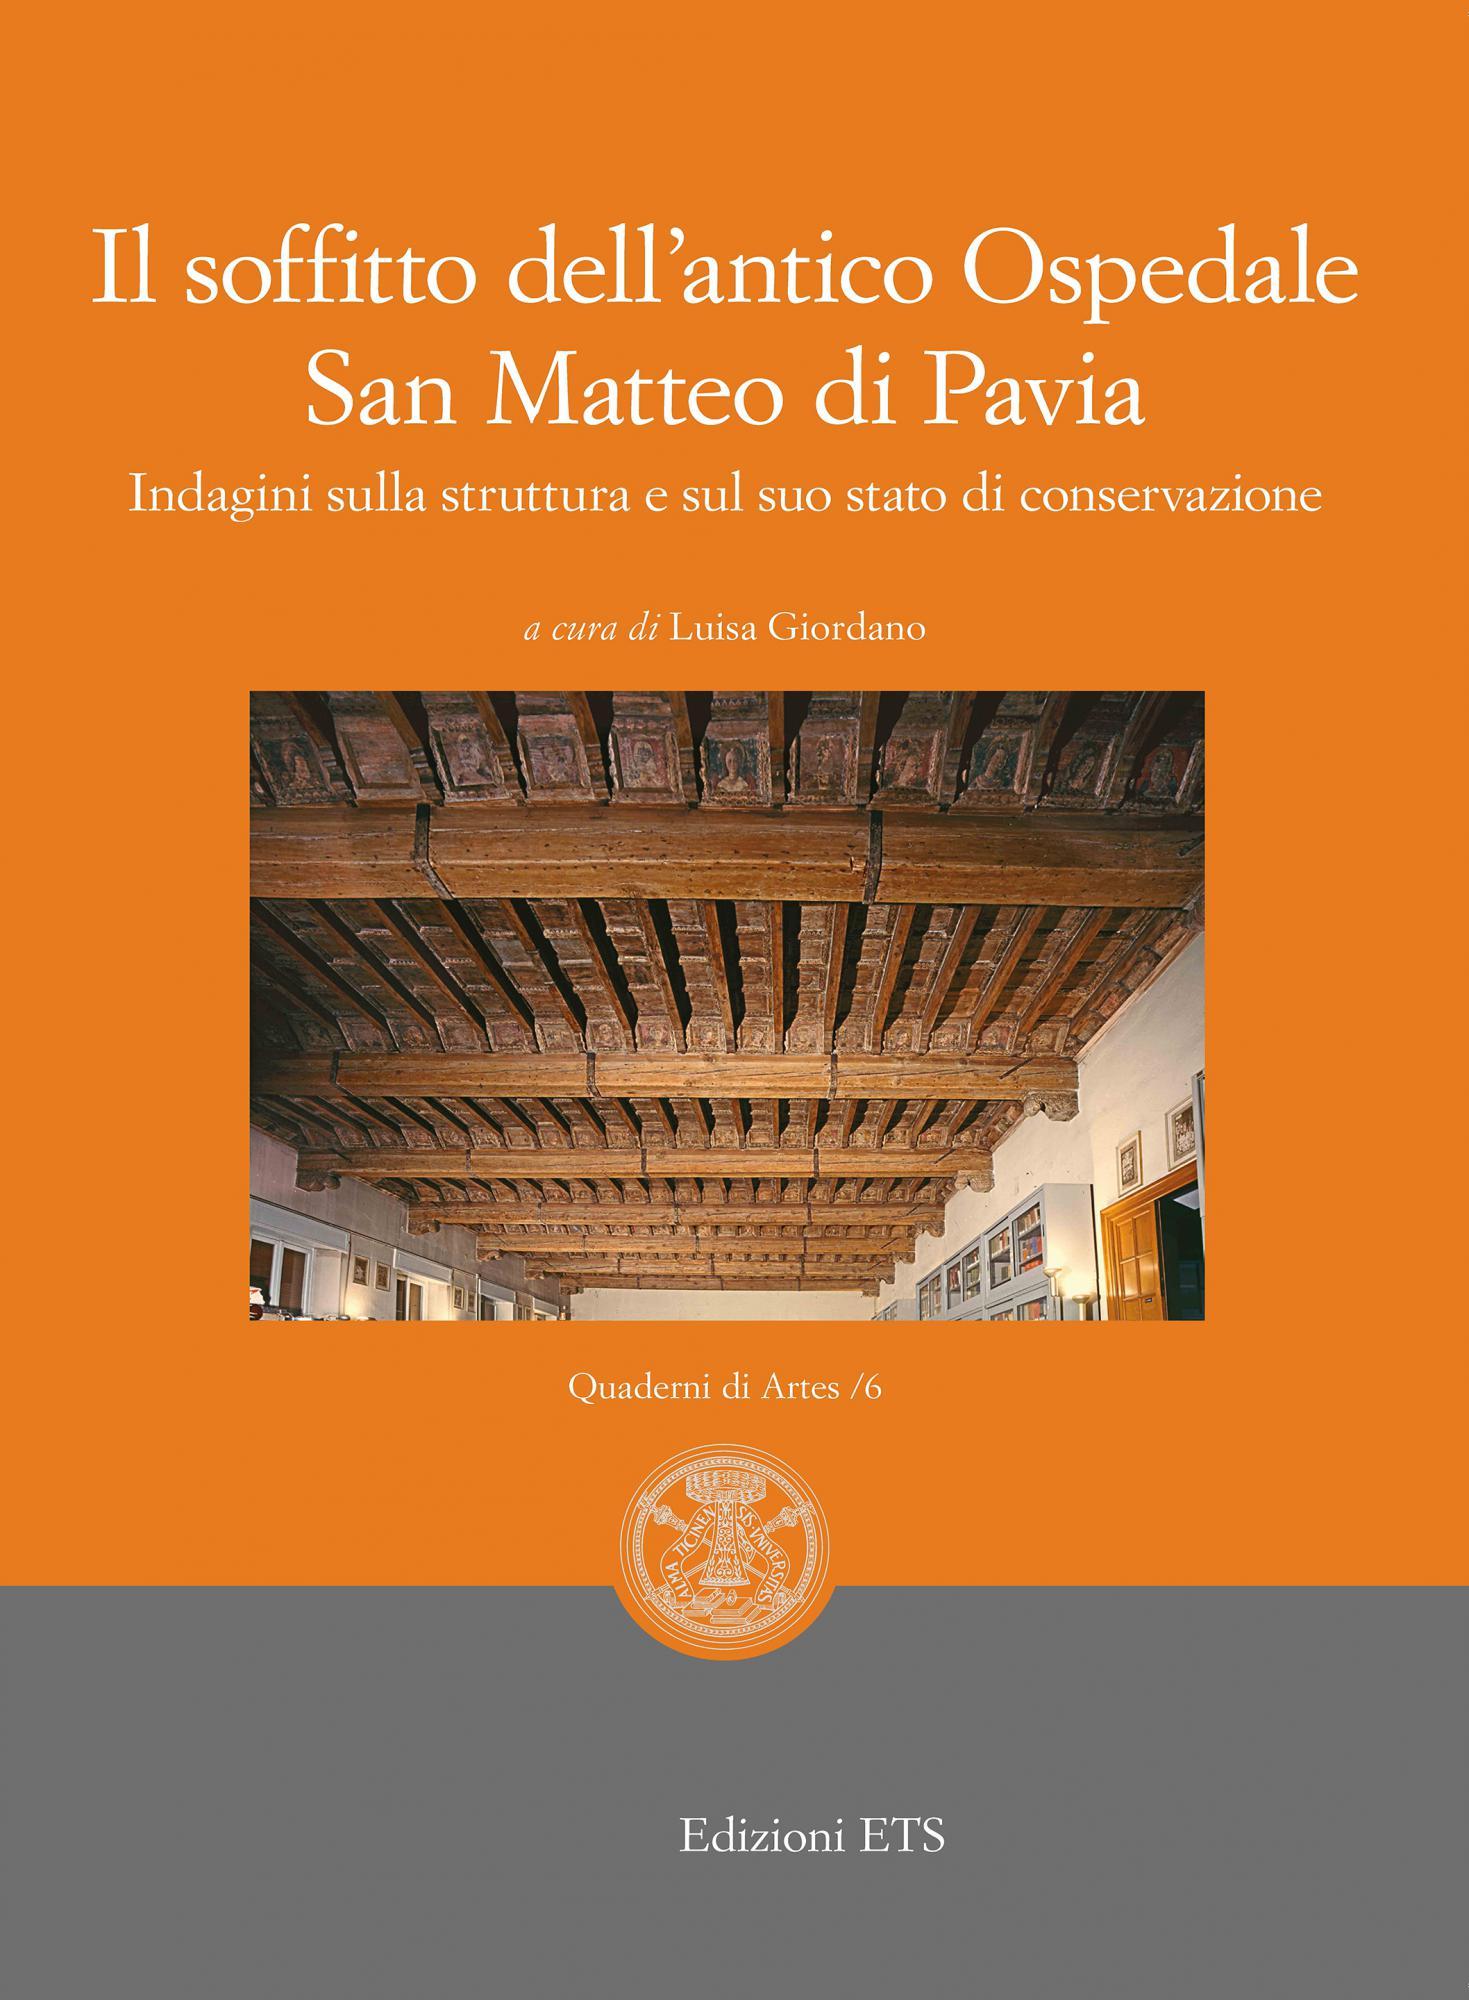 Il soffitto dell'antico Ospedale San Matteo di Pavia.Indagini sulla struttura e sul suo stato di conservazione